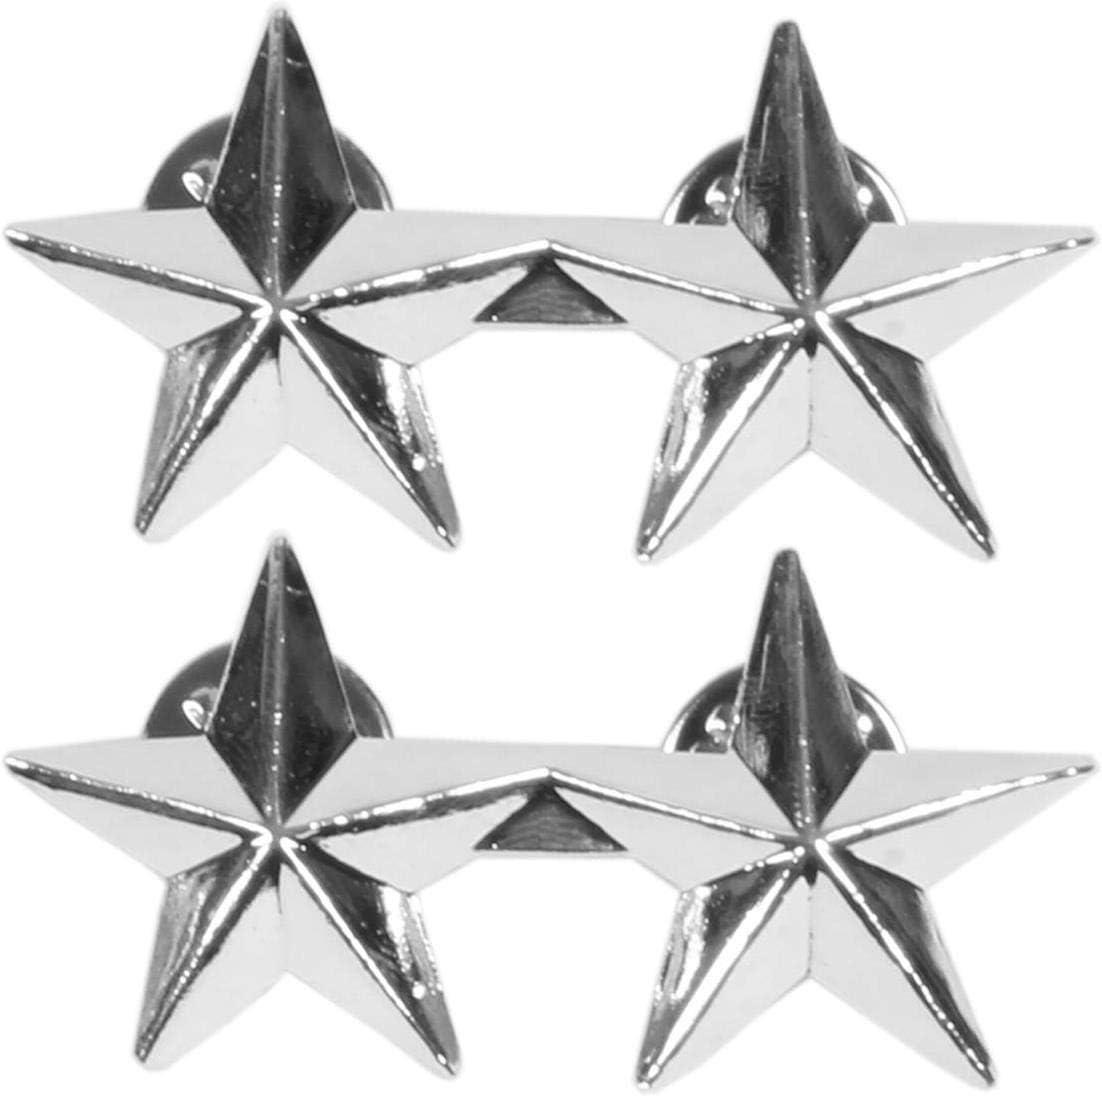 Normani Us Rangabzeichen Aus Metall Mit Nadelverschluss In Verschiedenen Ausführungen Farbe General Sport Freizeit